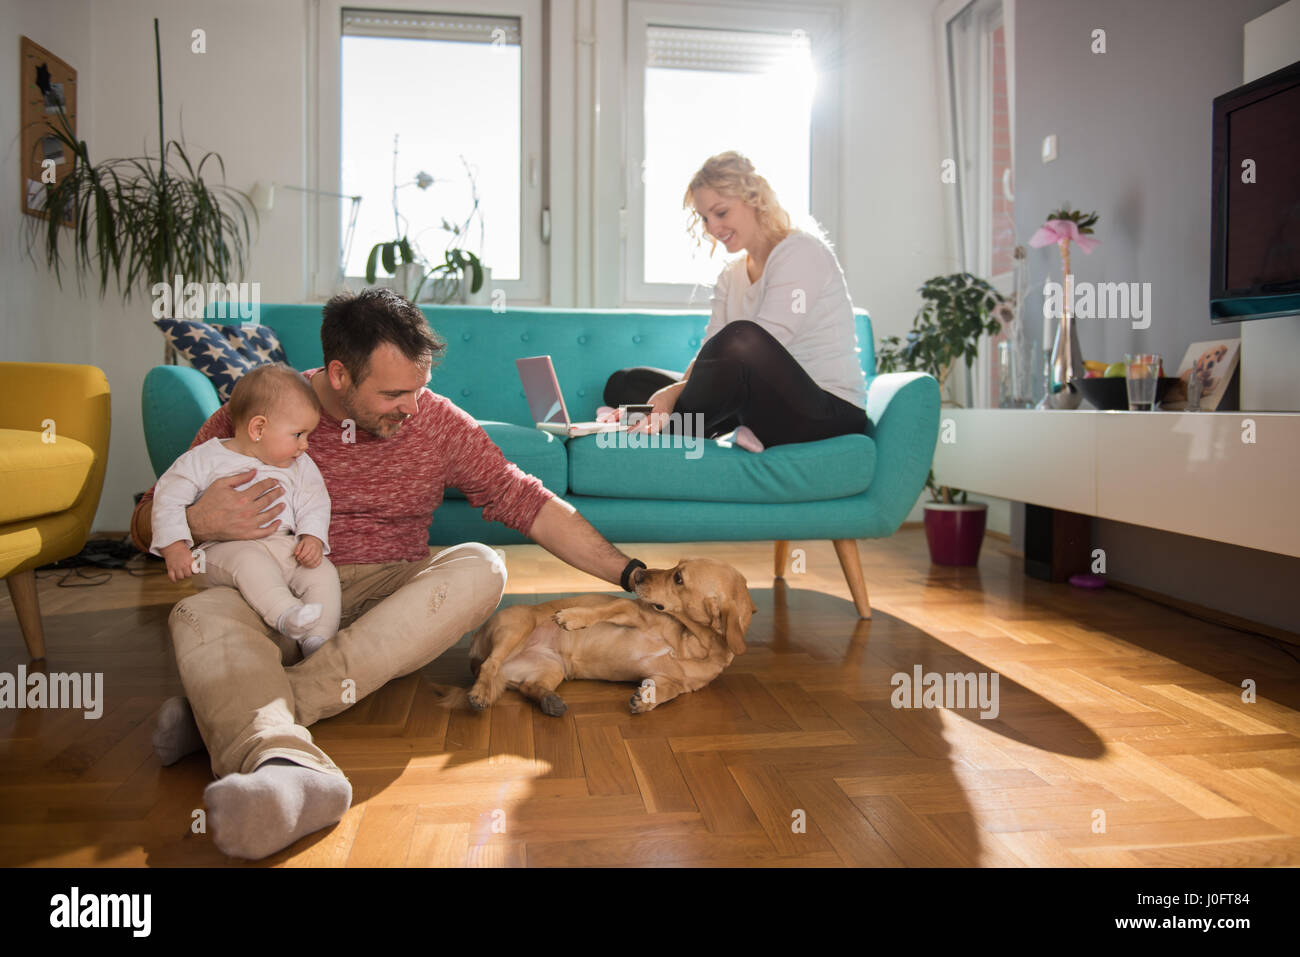 Padre sentados en el suelo y con el bebé en sus brazos jugando con el perro, mientras su esposa, sentado en Imagen De Stock